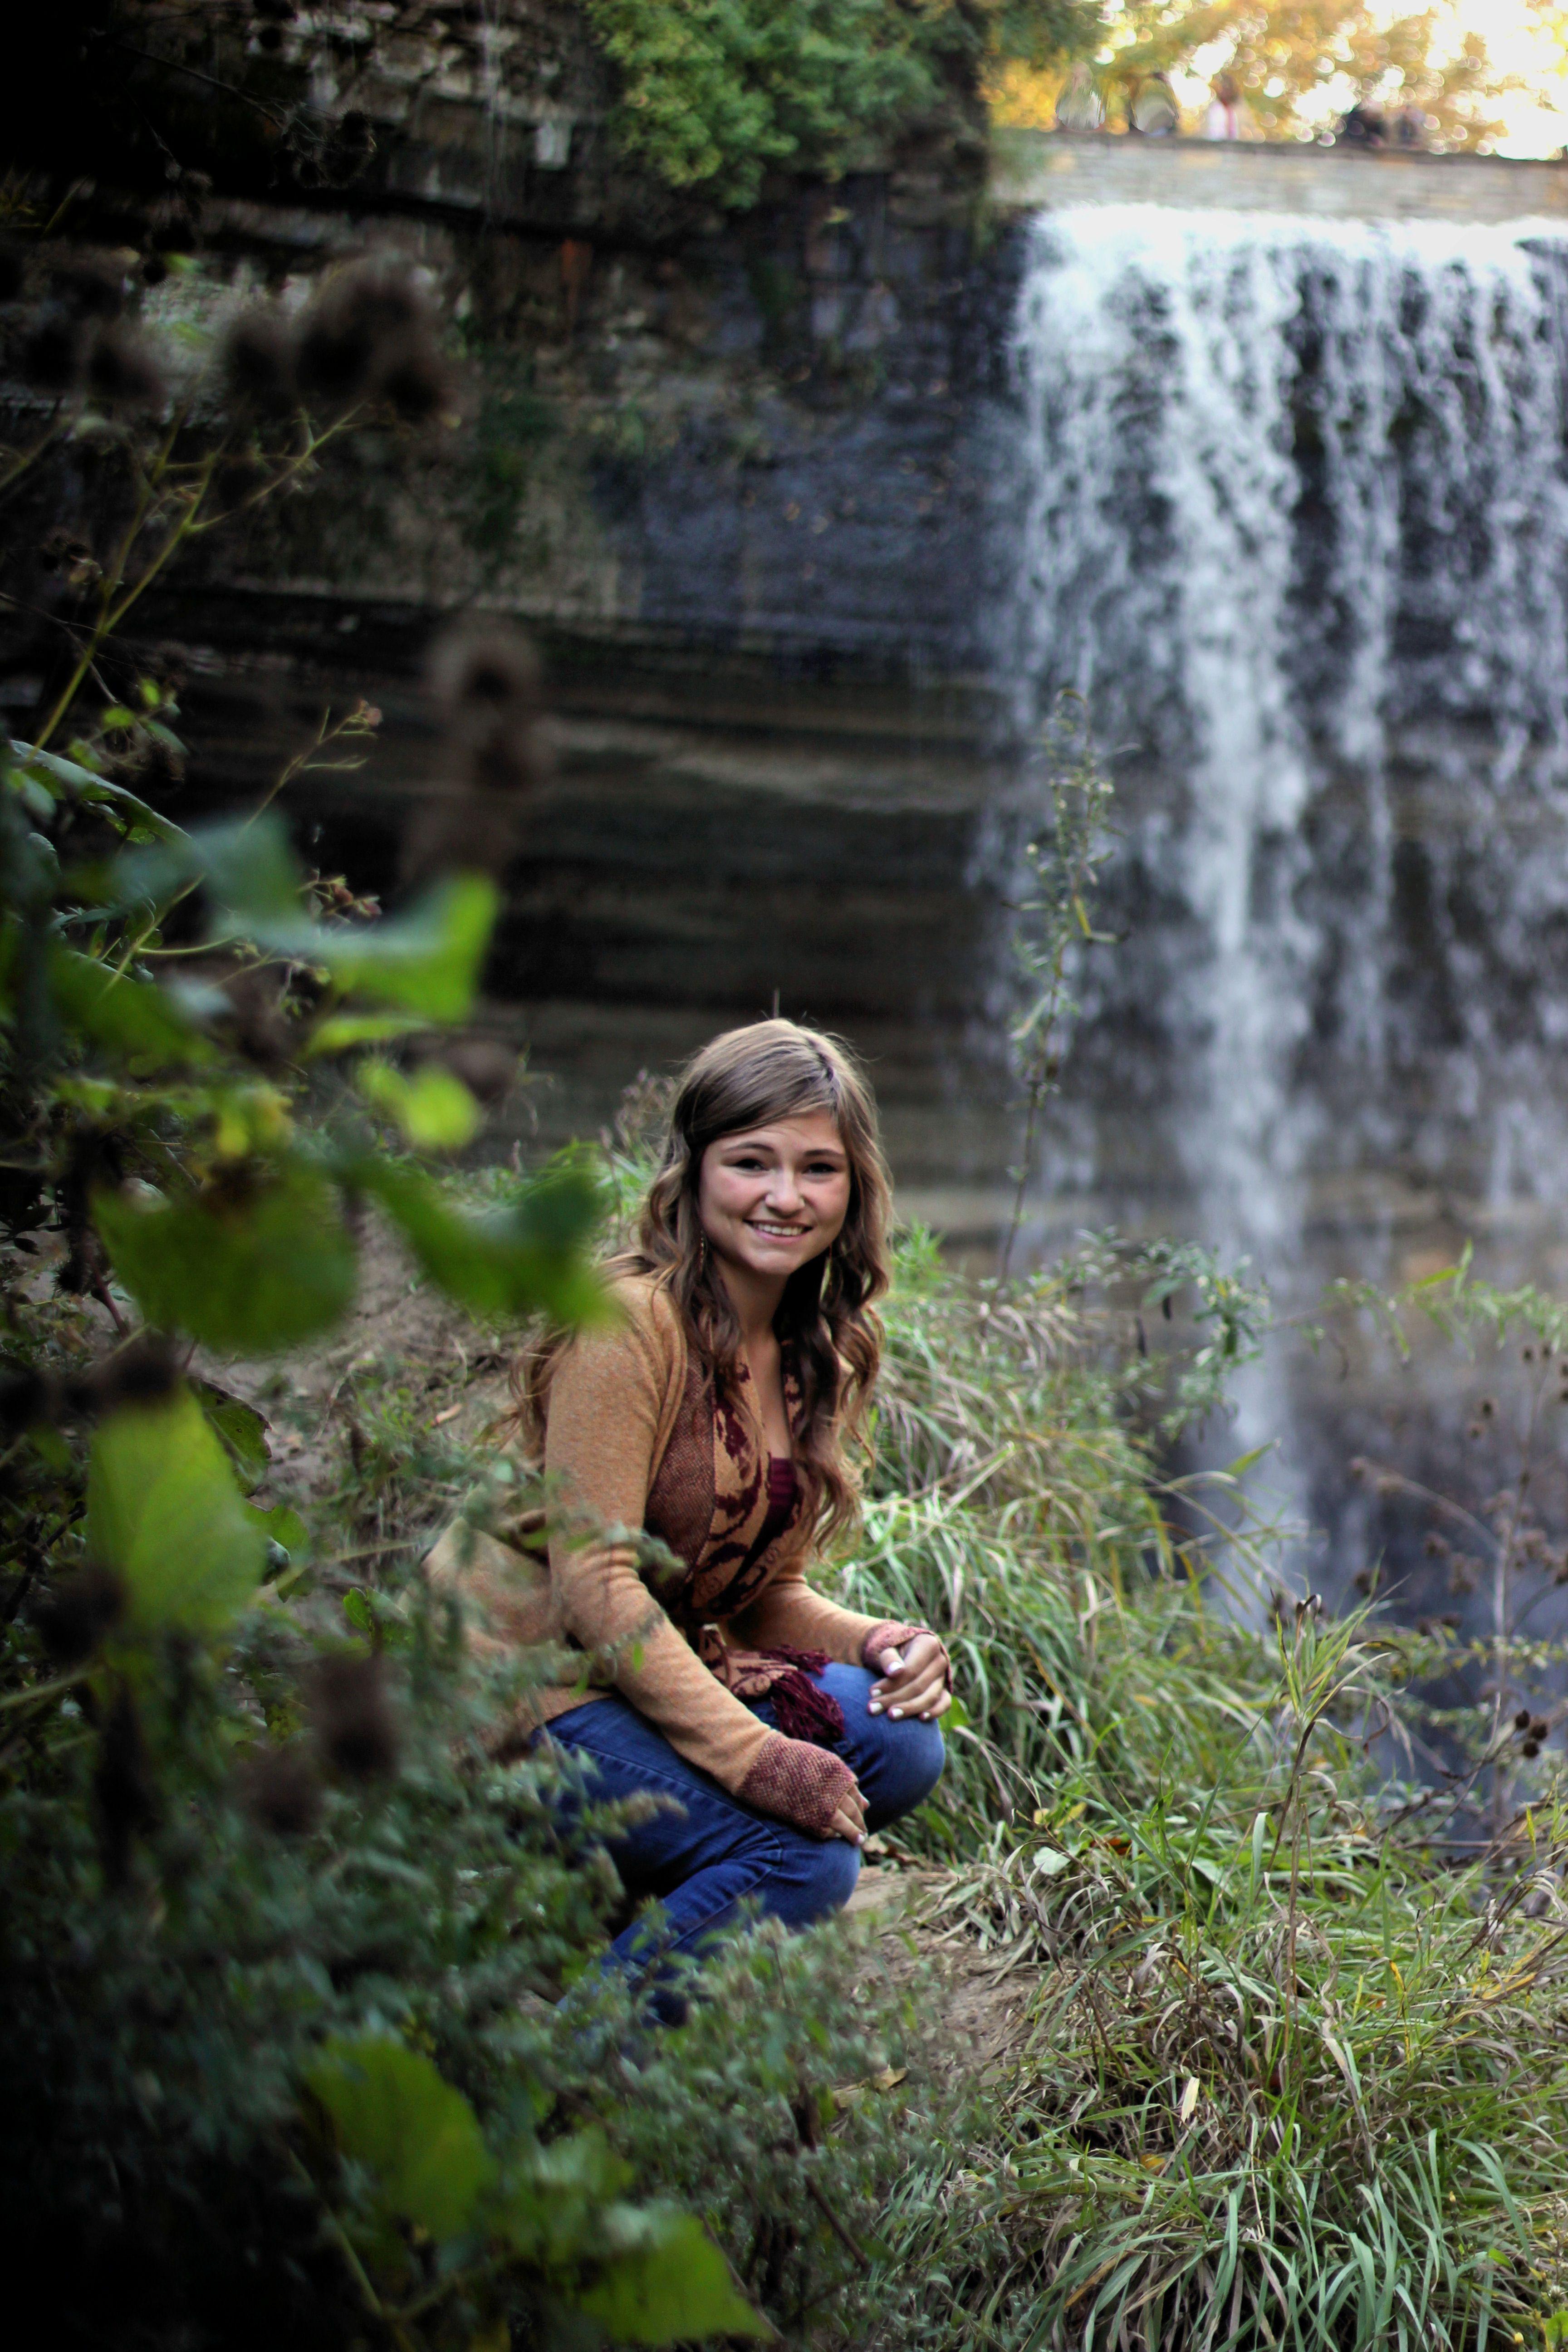 Girls waterfall pics 73